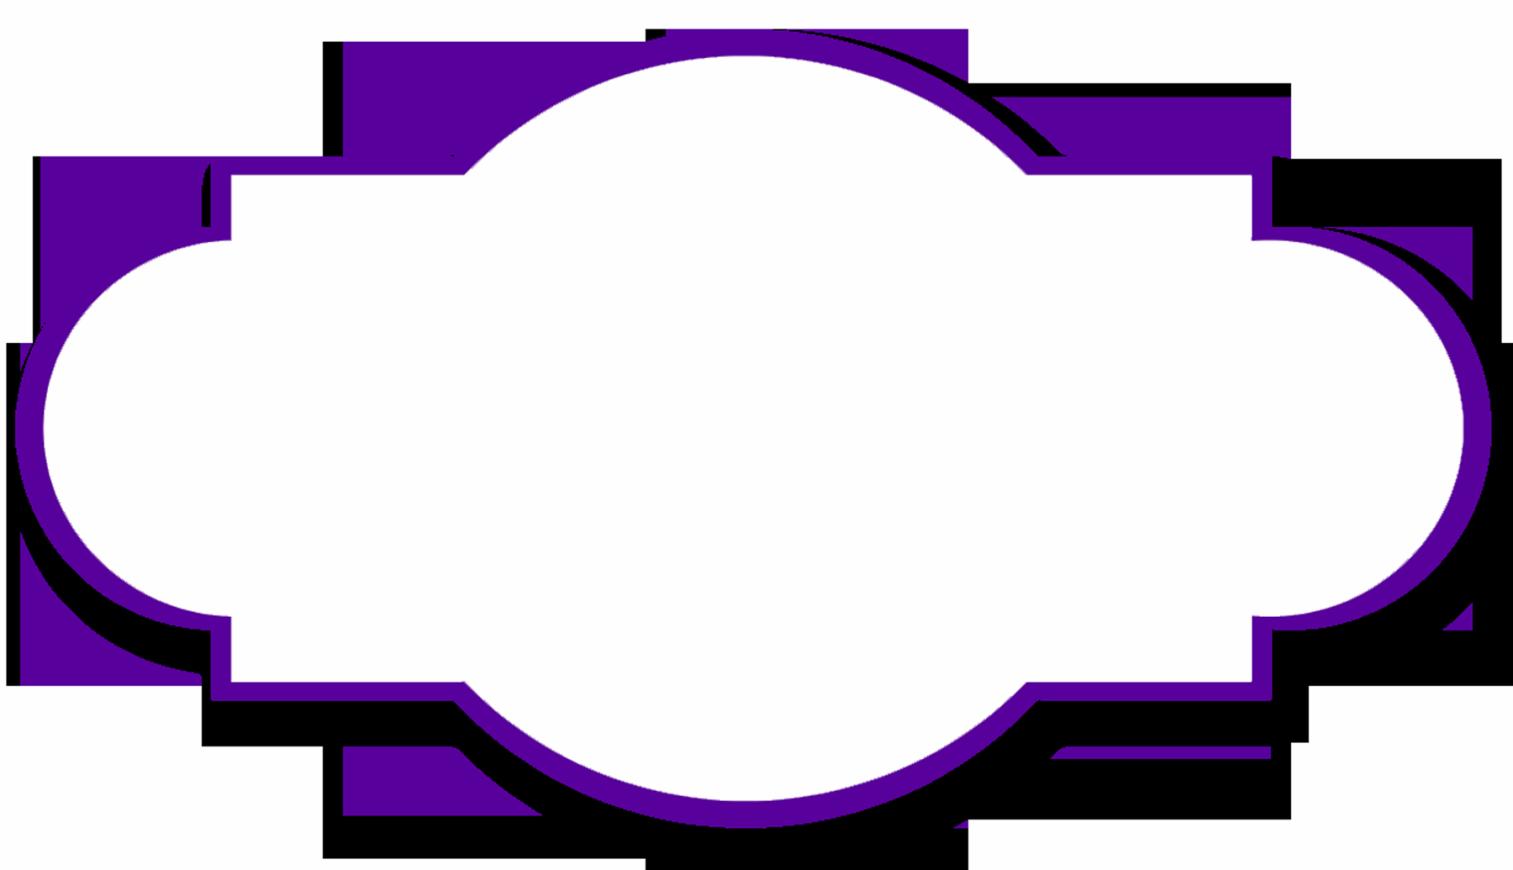 Voting clipart border. Simple purple clip art